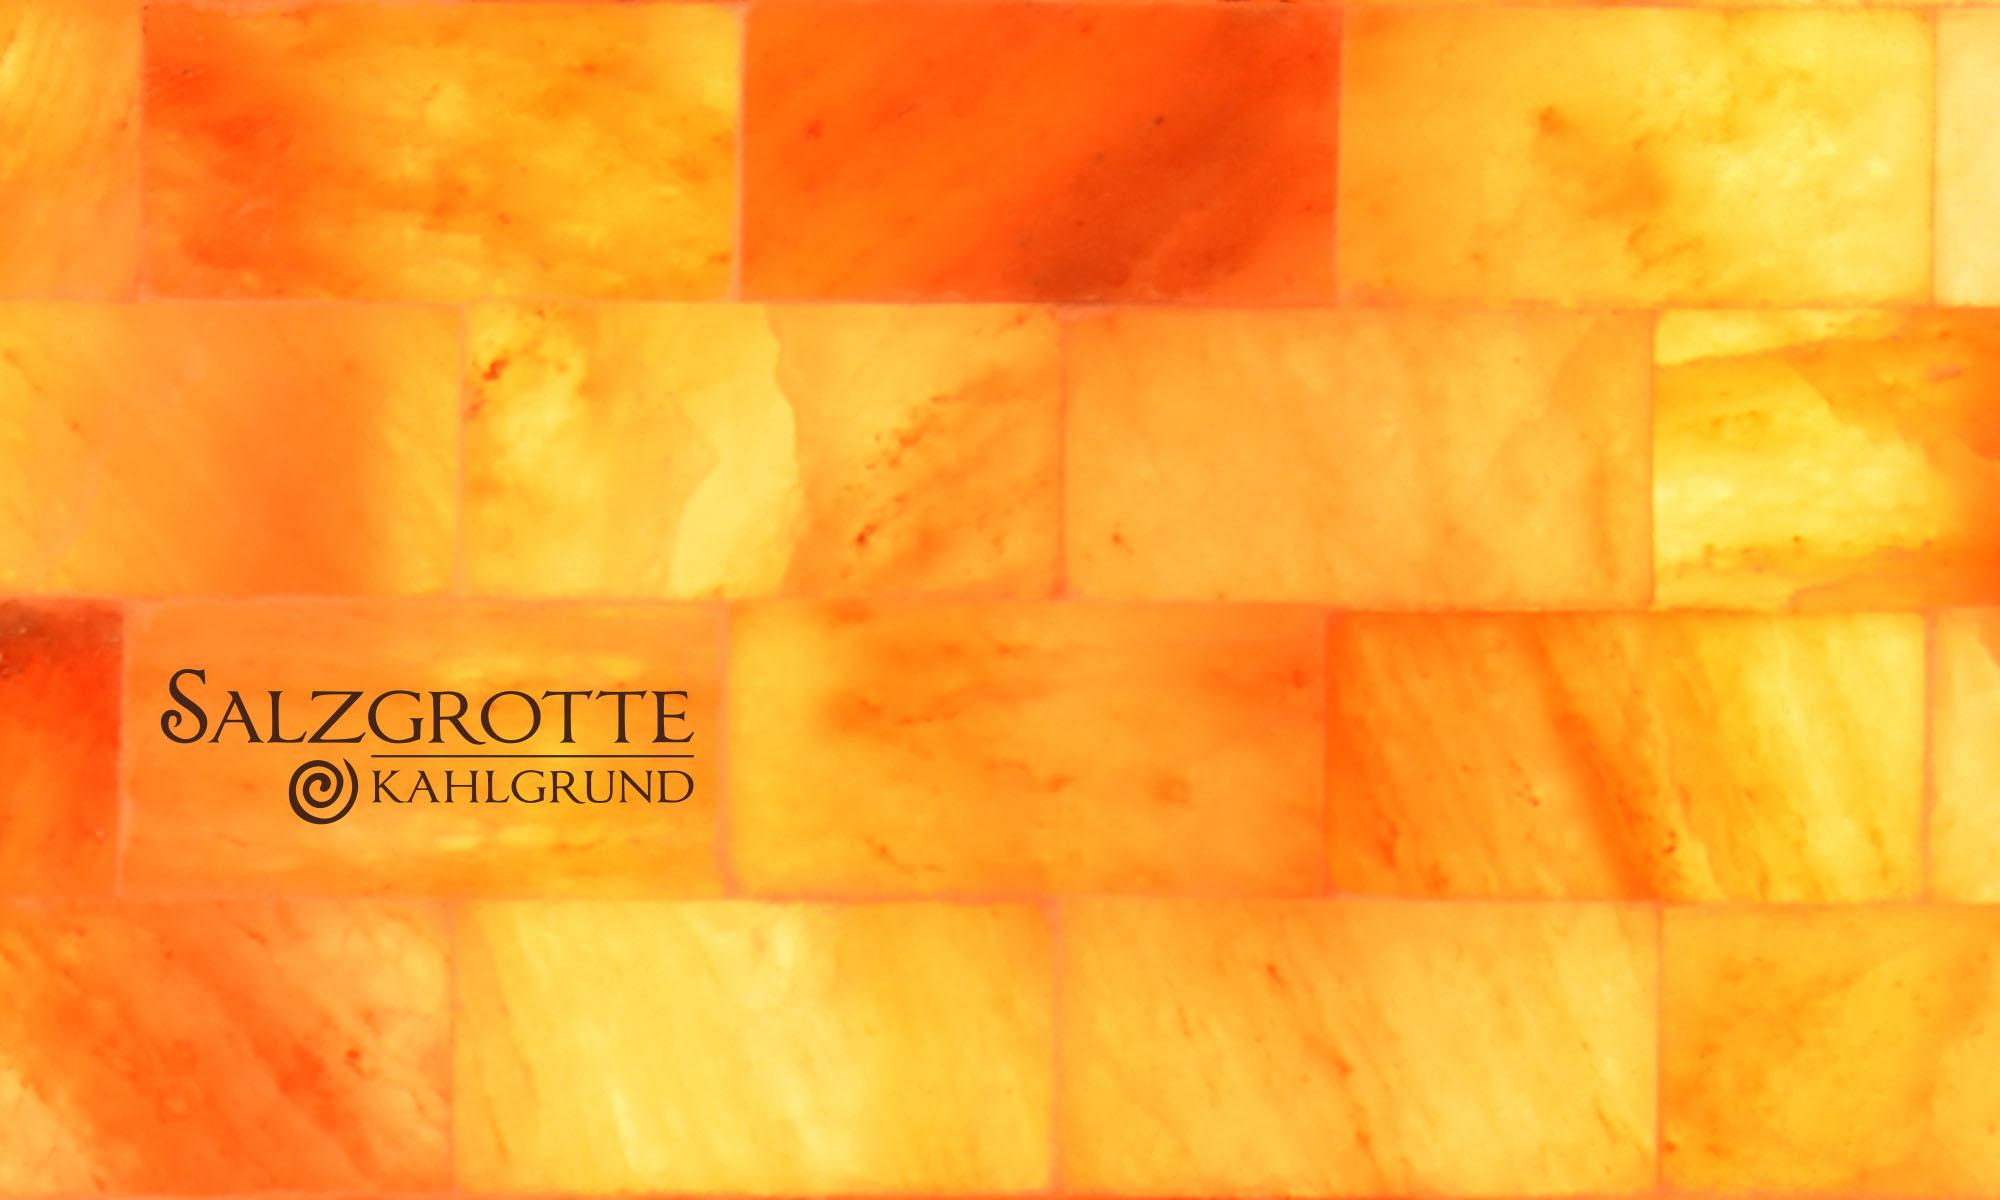 Salzgrotte Kahlgrund Startseite